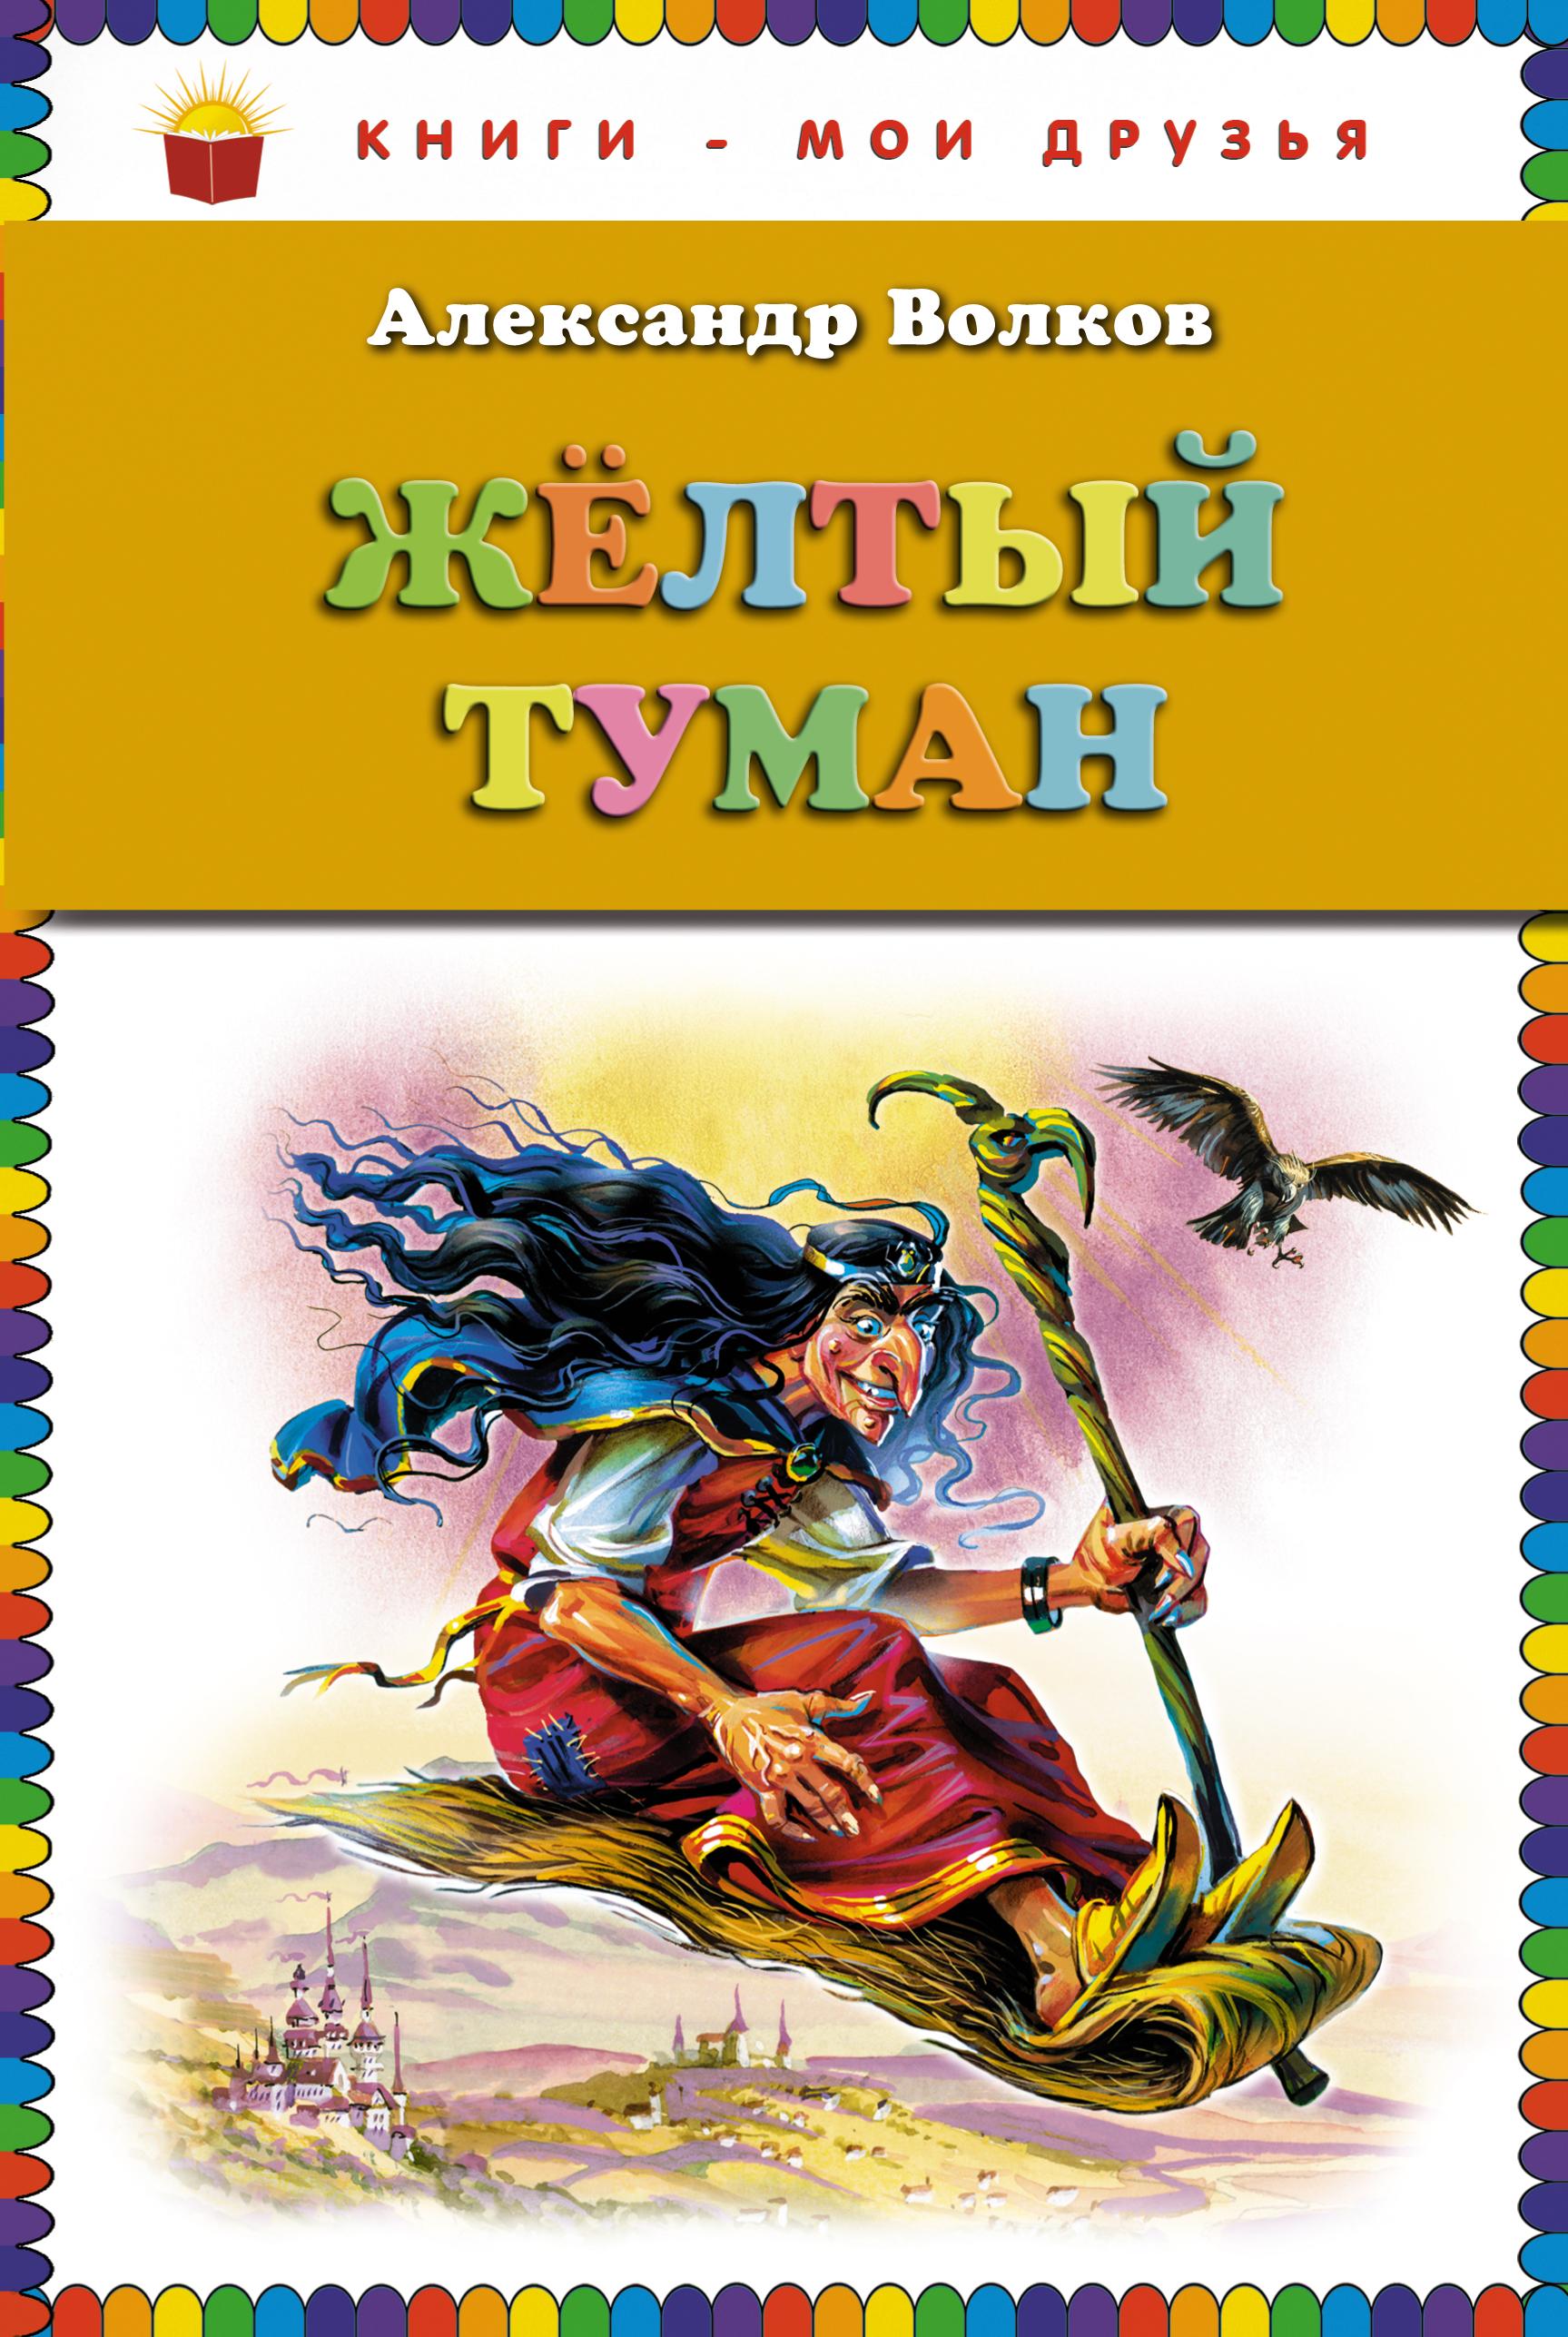 Александр Волков Жёлтый туман (ст. изд.)